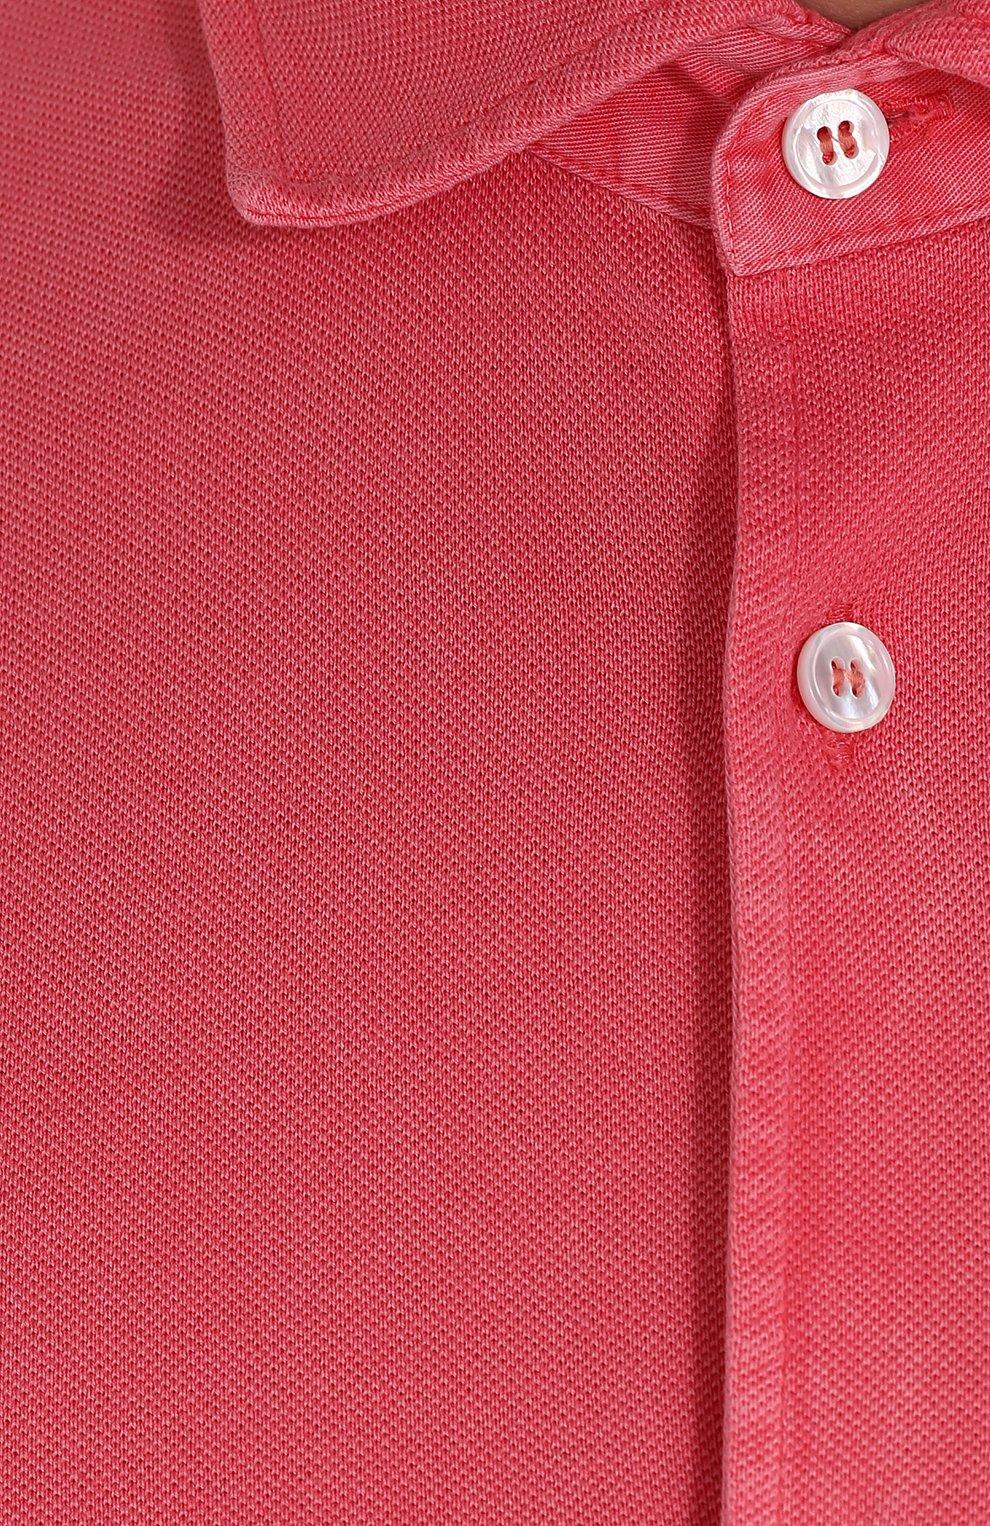 Хлопковая рубашка с воротником кент Fedeli светло-розовая | Фото №5